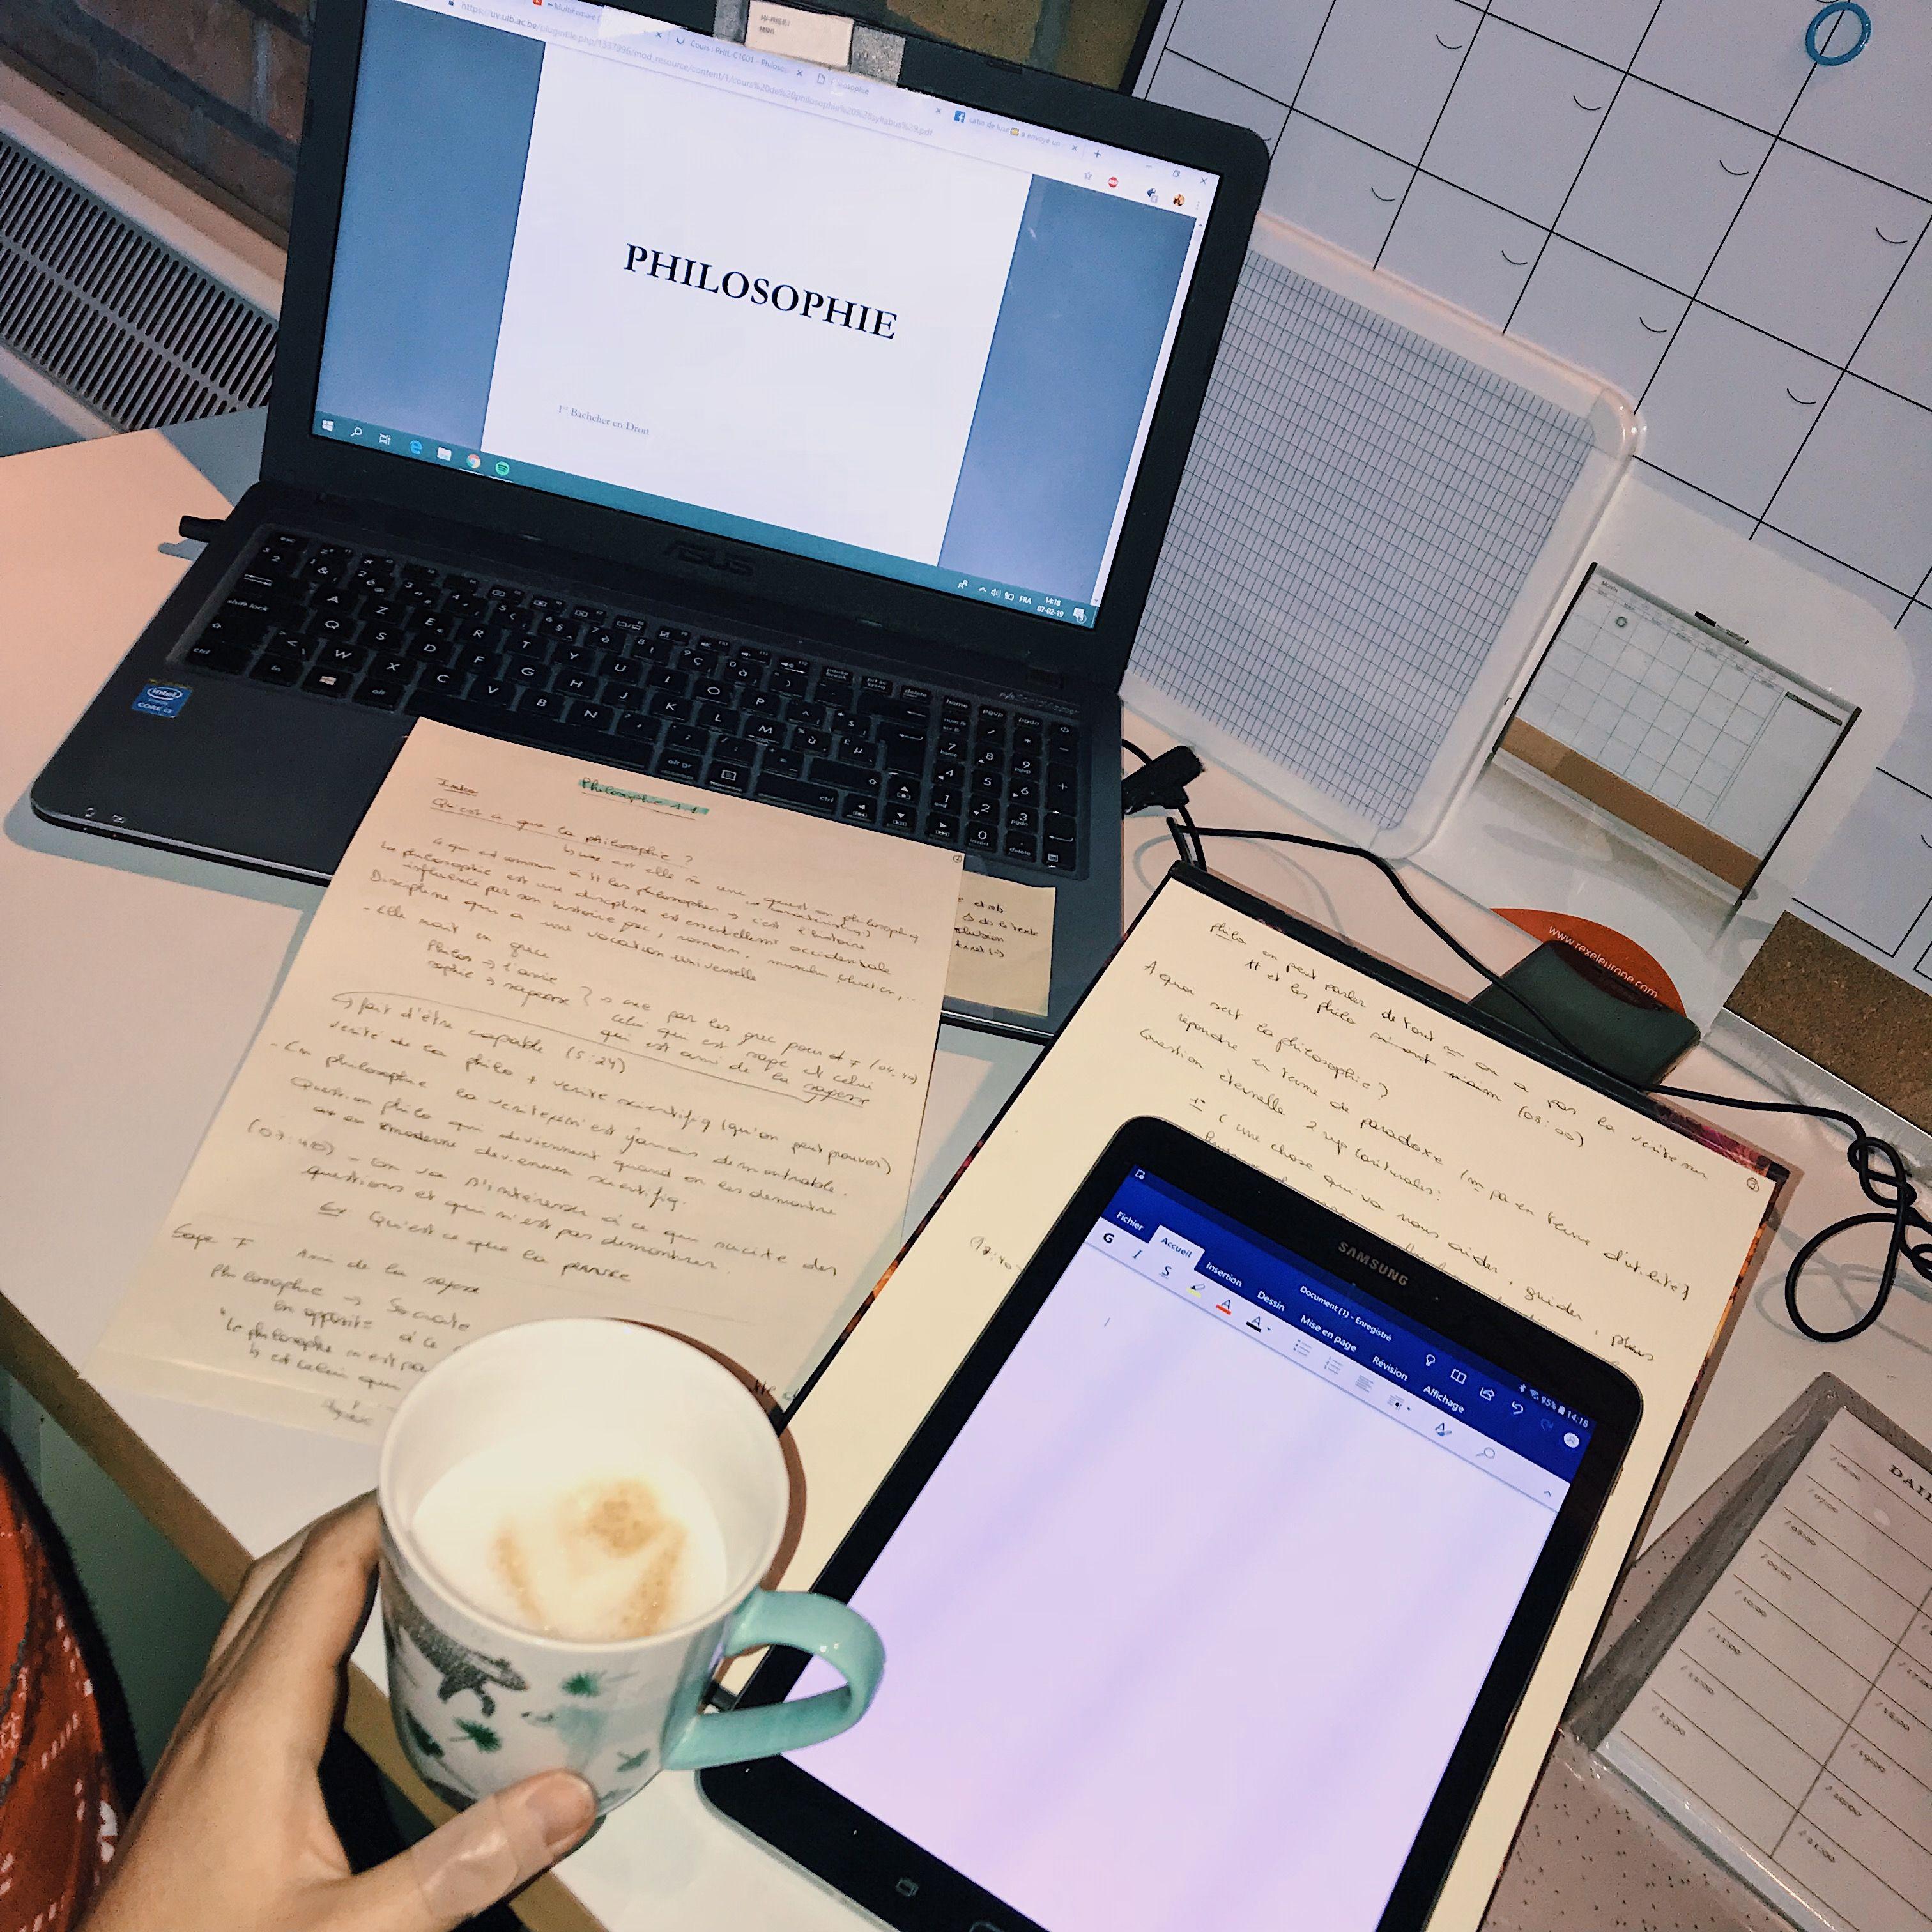 Studymotivation Studyblr Study Study Stationery Study Inspiration Study Smarter